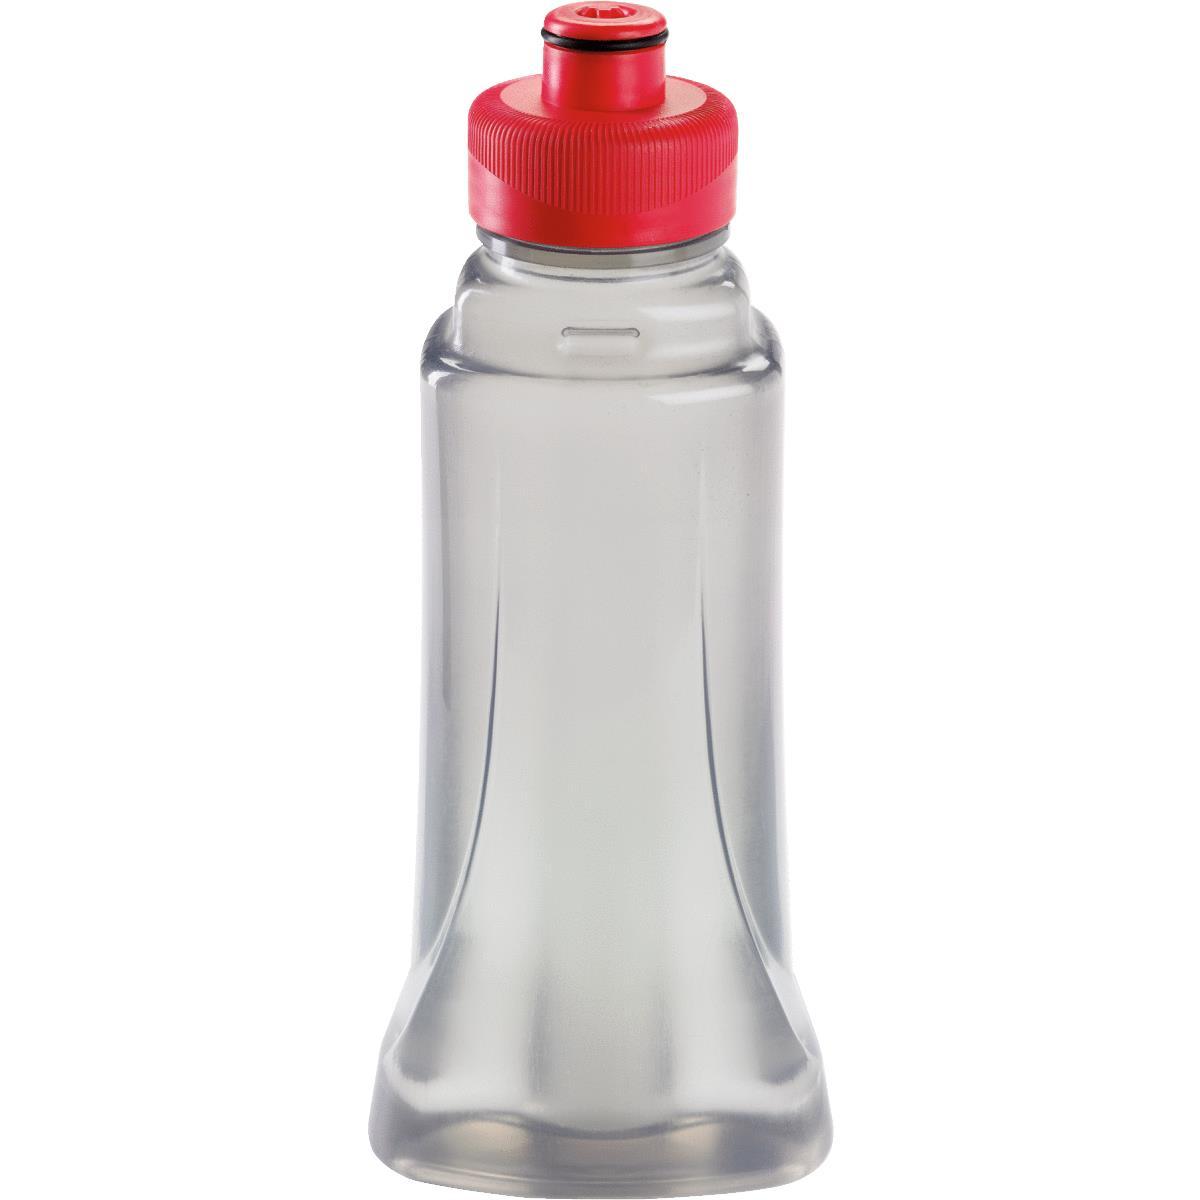 Buy Rubbermaid Reveal Mop Refill Bottle 22 Oz